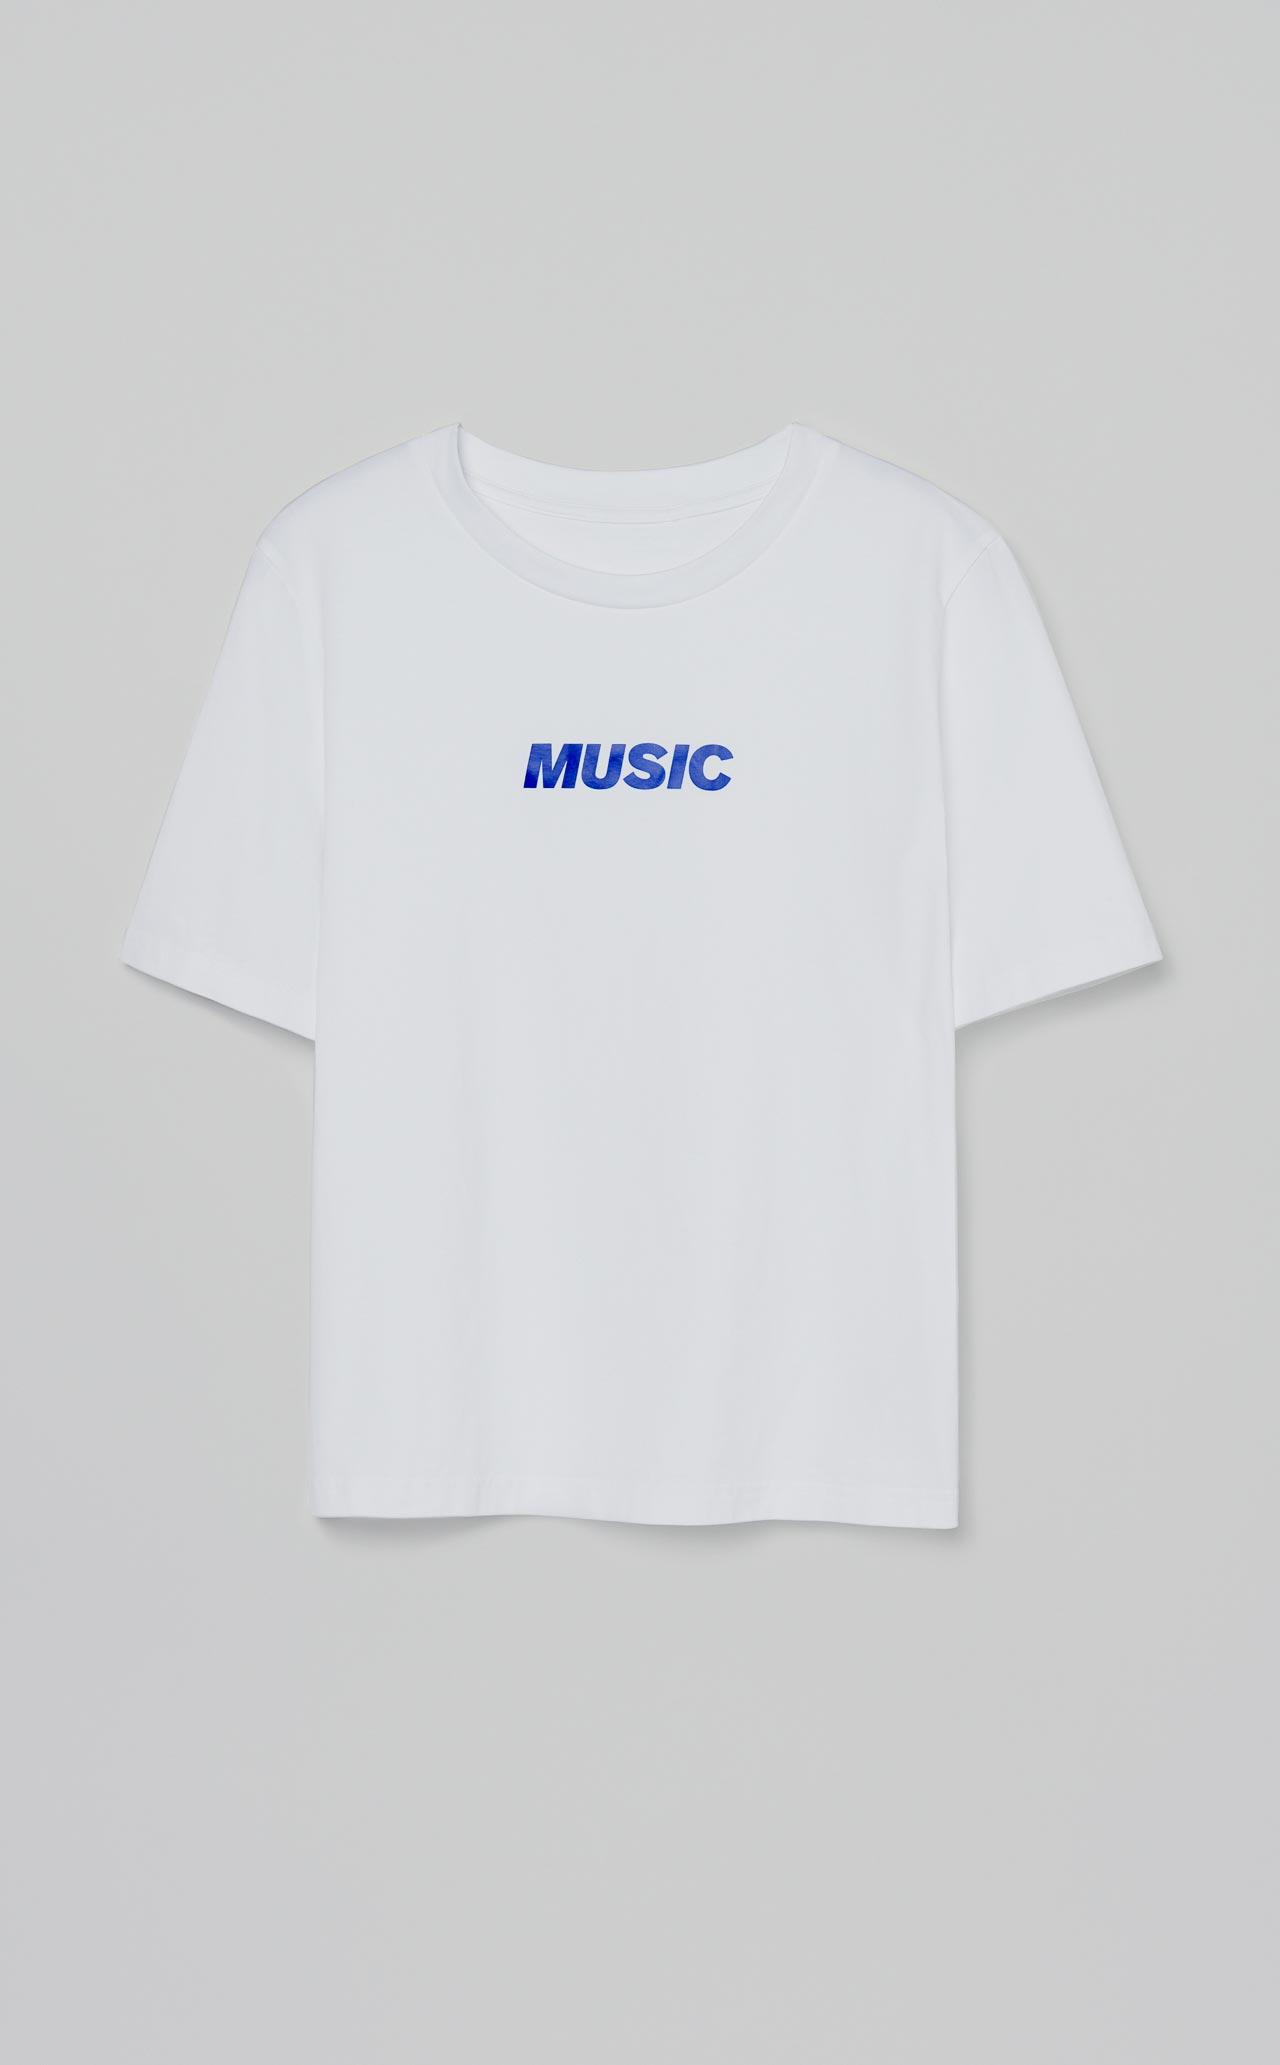 Mus T-Shirt